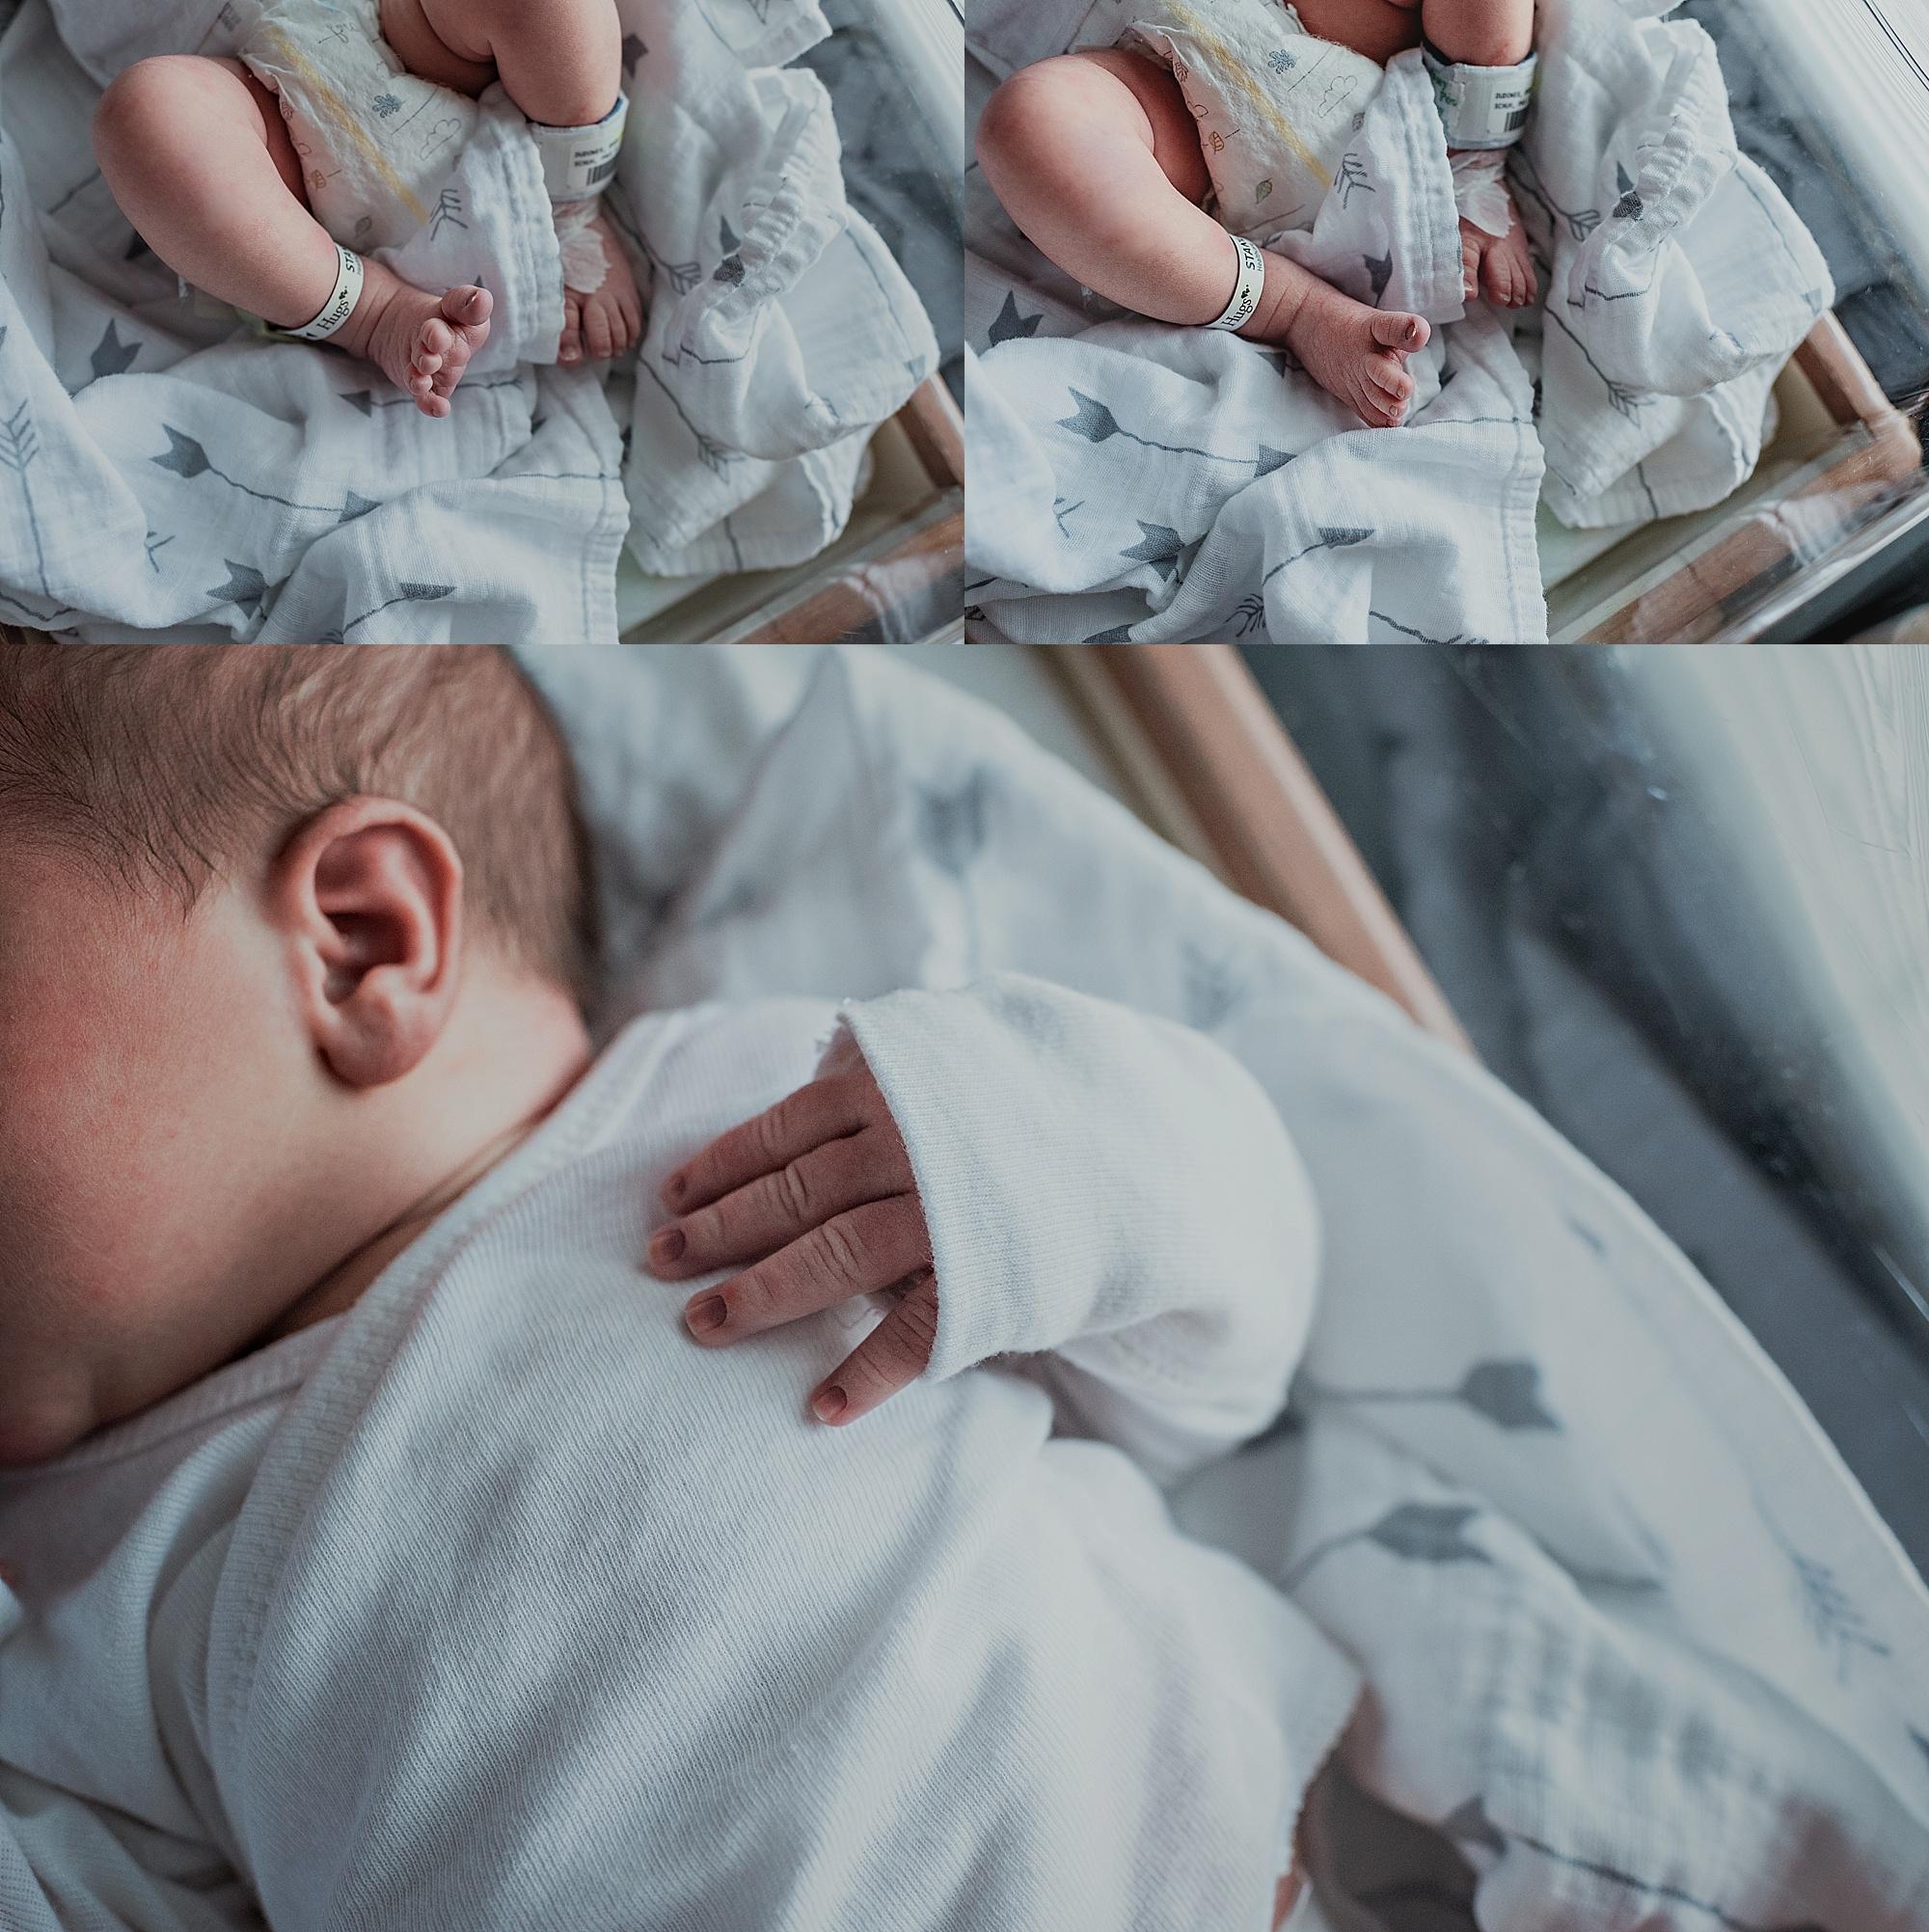 Dudones-family-cleveland-photographer-lauren-grayson-fresh-48-session_0033.jpg